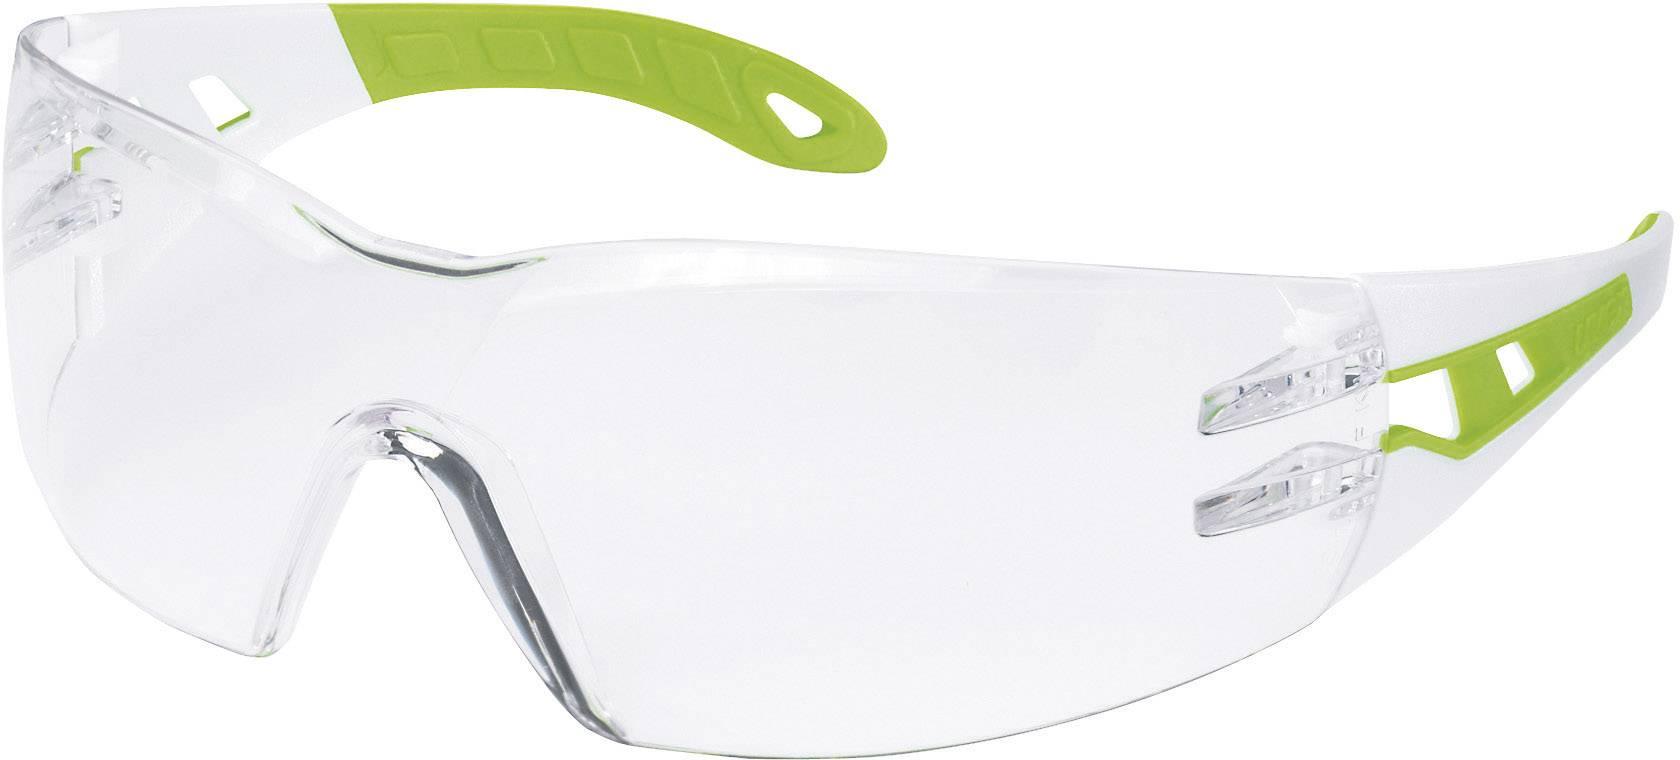 Ochranné okuliare Uvex Pheos, biele/zelené